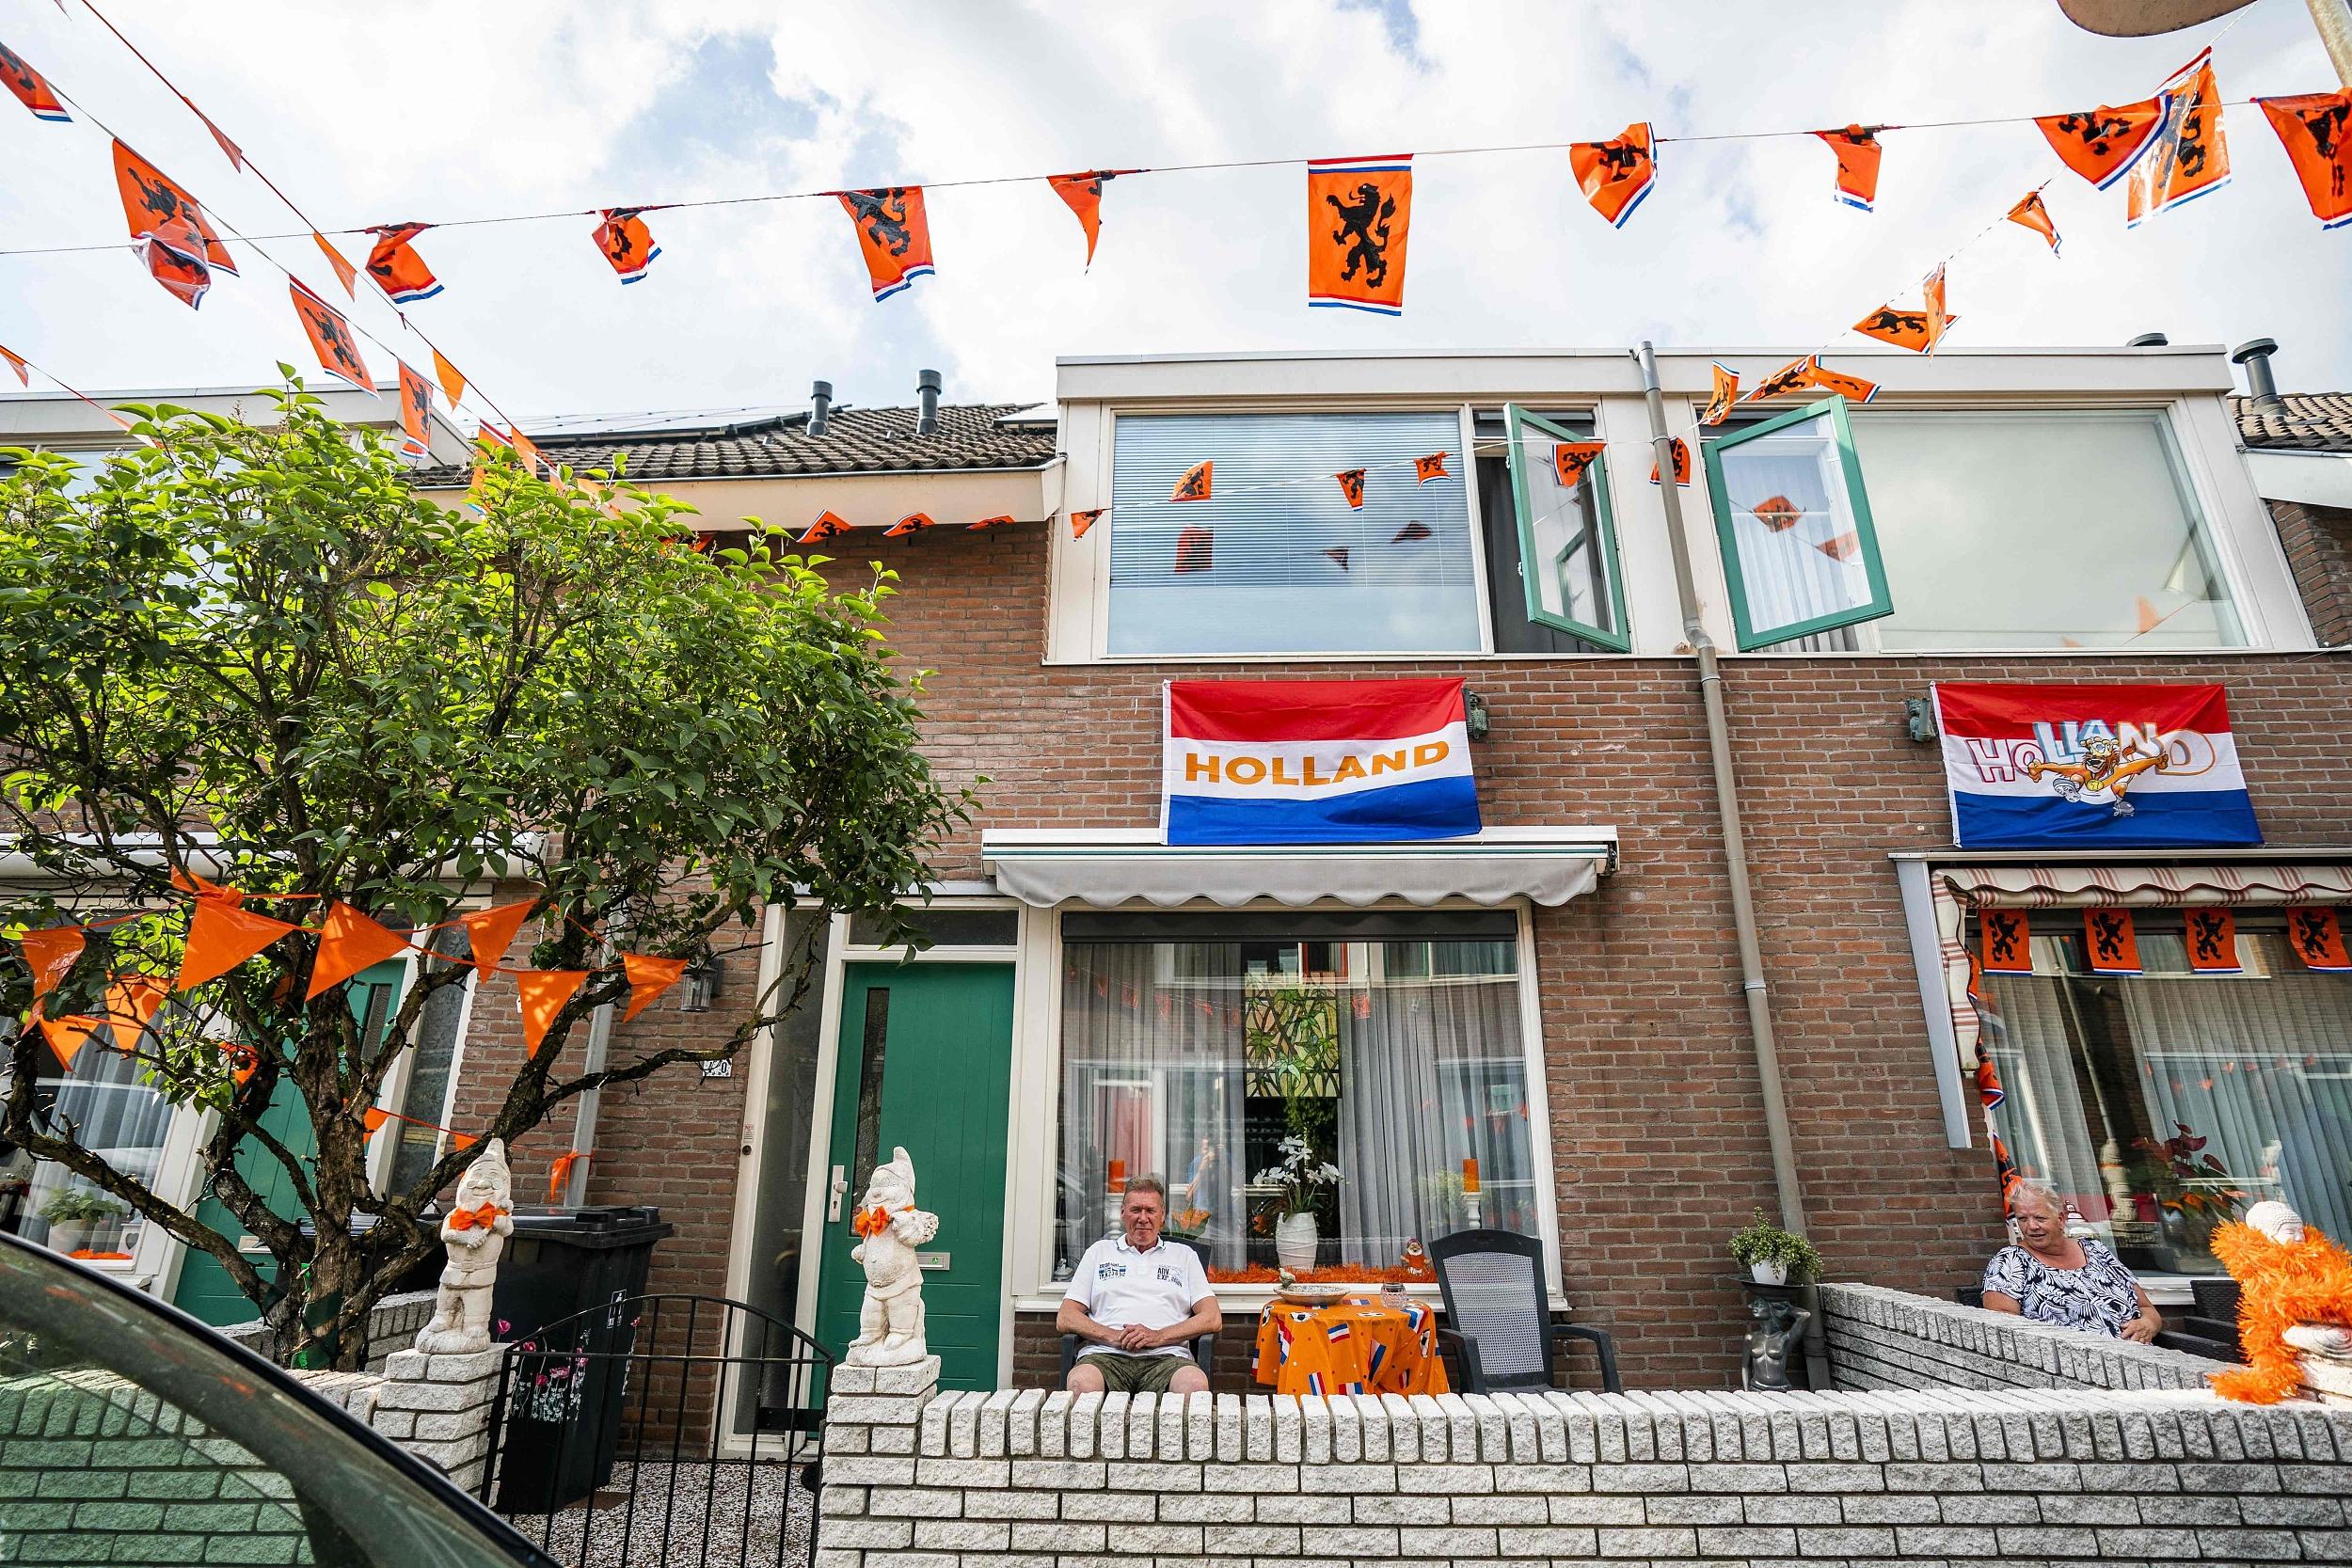 荷兰球迷已经将家园涂装成了橙色。